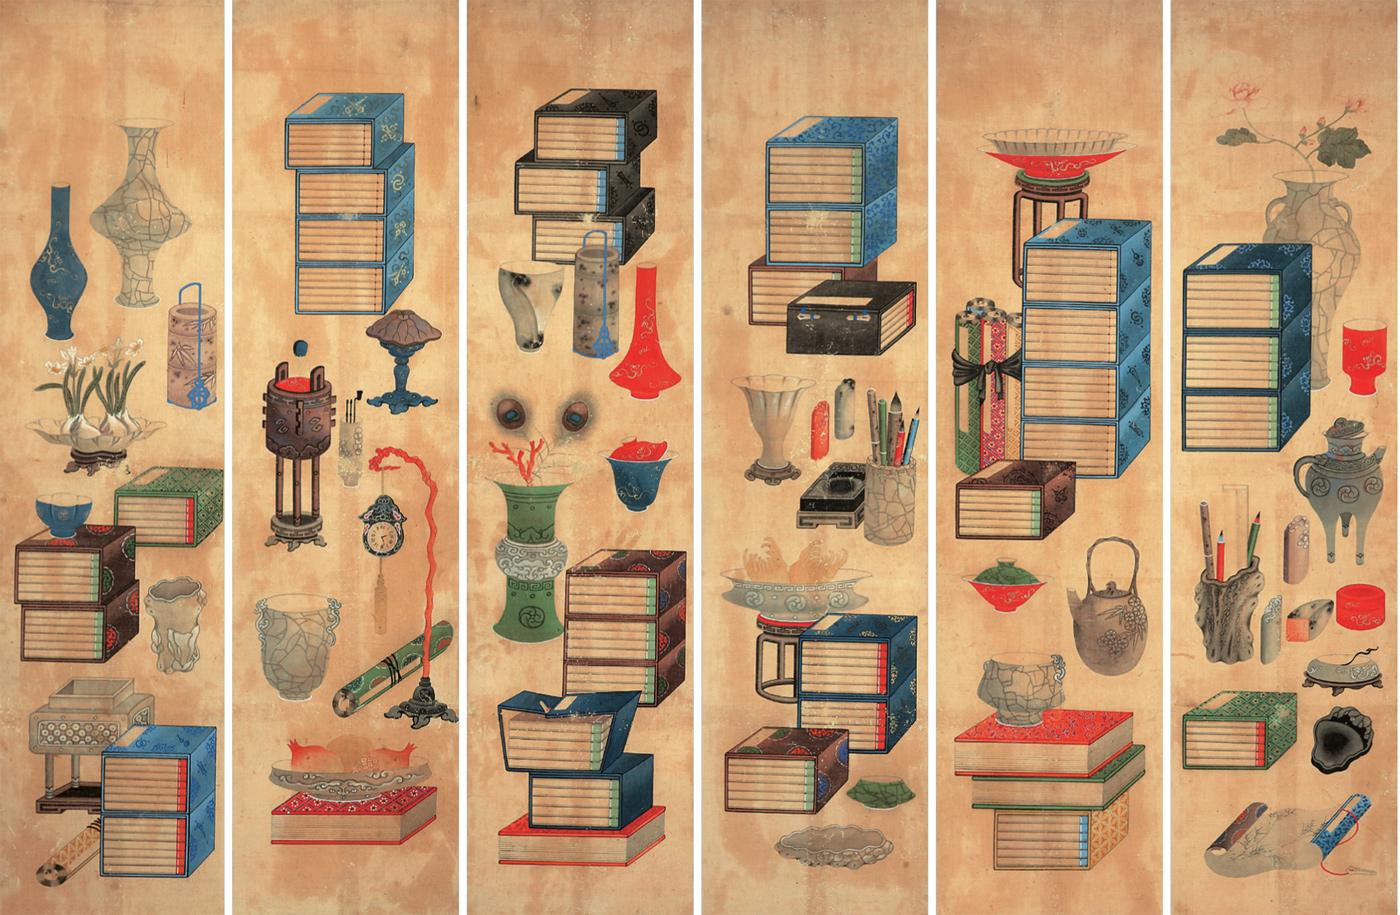 ▲도2. 책거리, 6폭 병풍, 이형록, 1864년 이전, 종이에 채색, 각 154.5×38.5㎝, 국립민속박물관